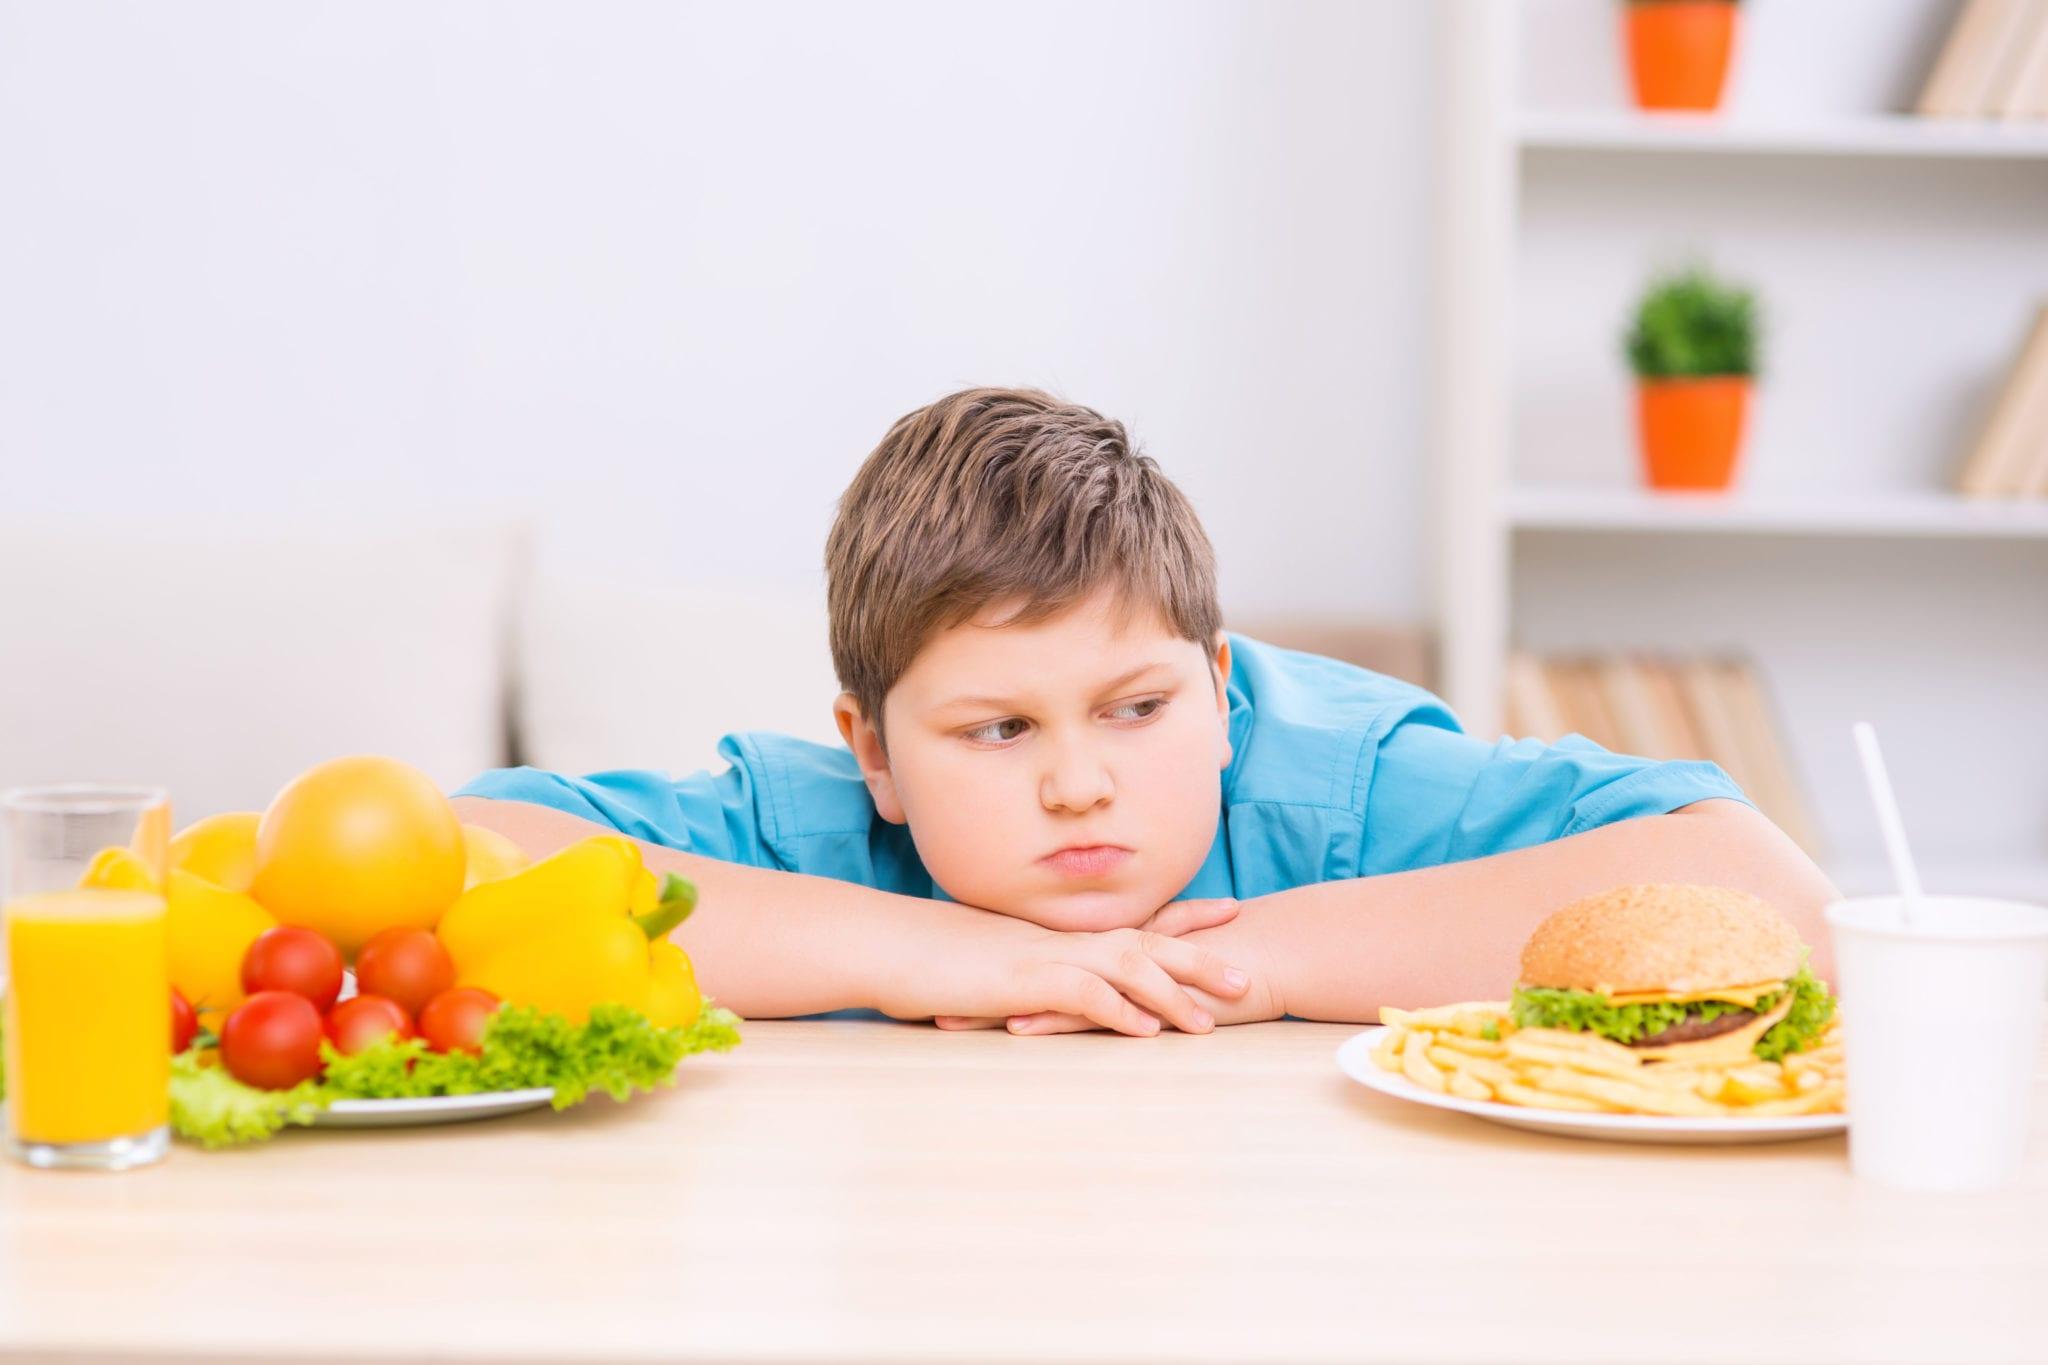 Борьба с лишним весом у ребёнка